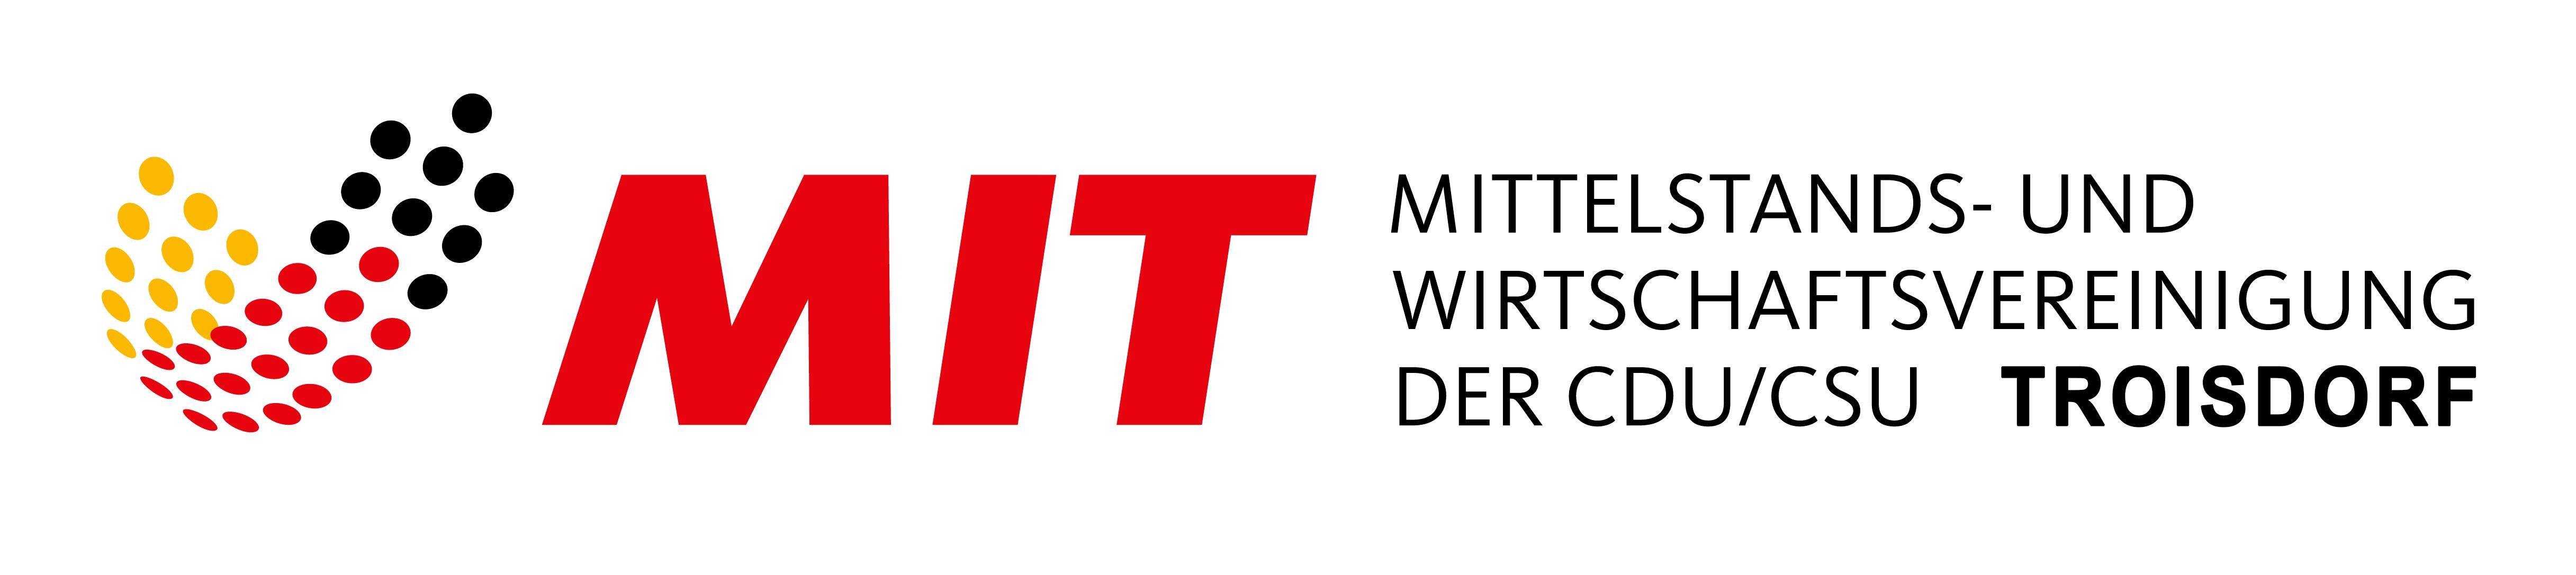 Logo der Mittelstands- und Wirtschaftsvereinigung der CDU Troisdorf